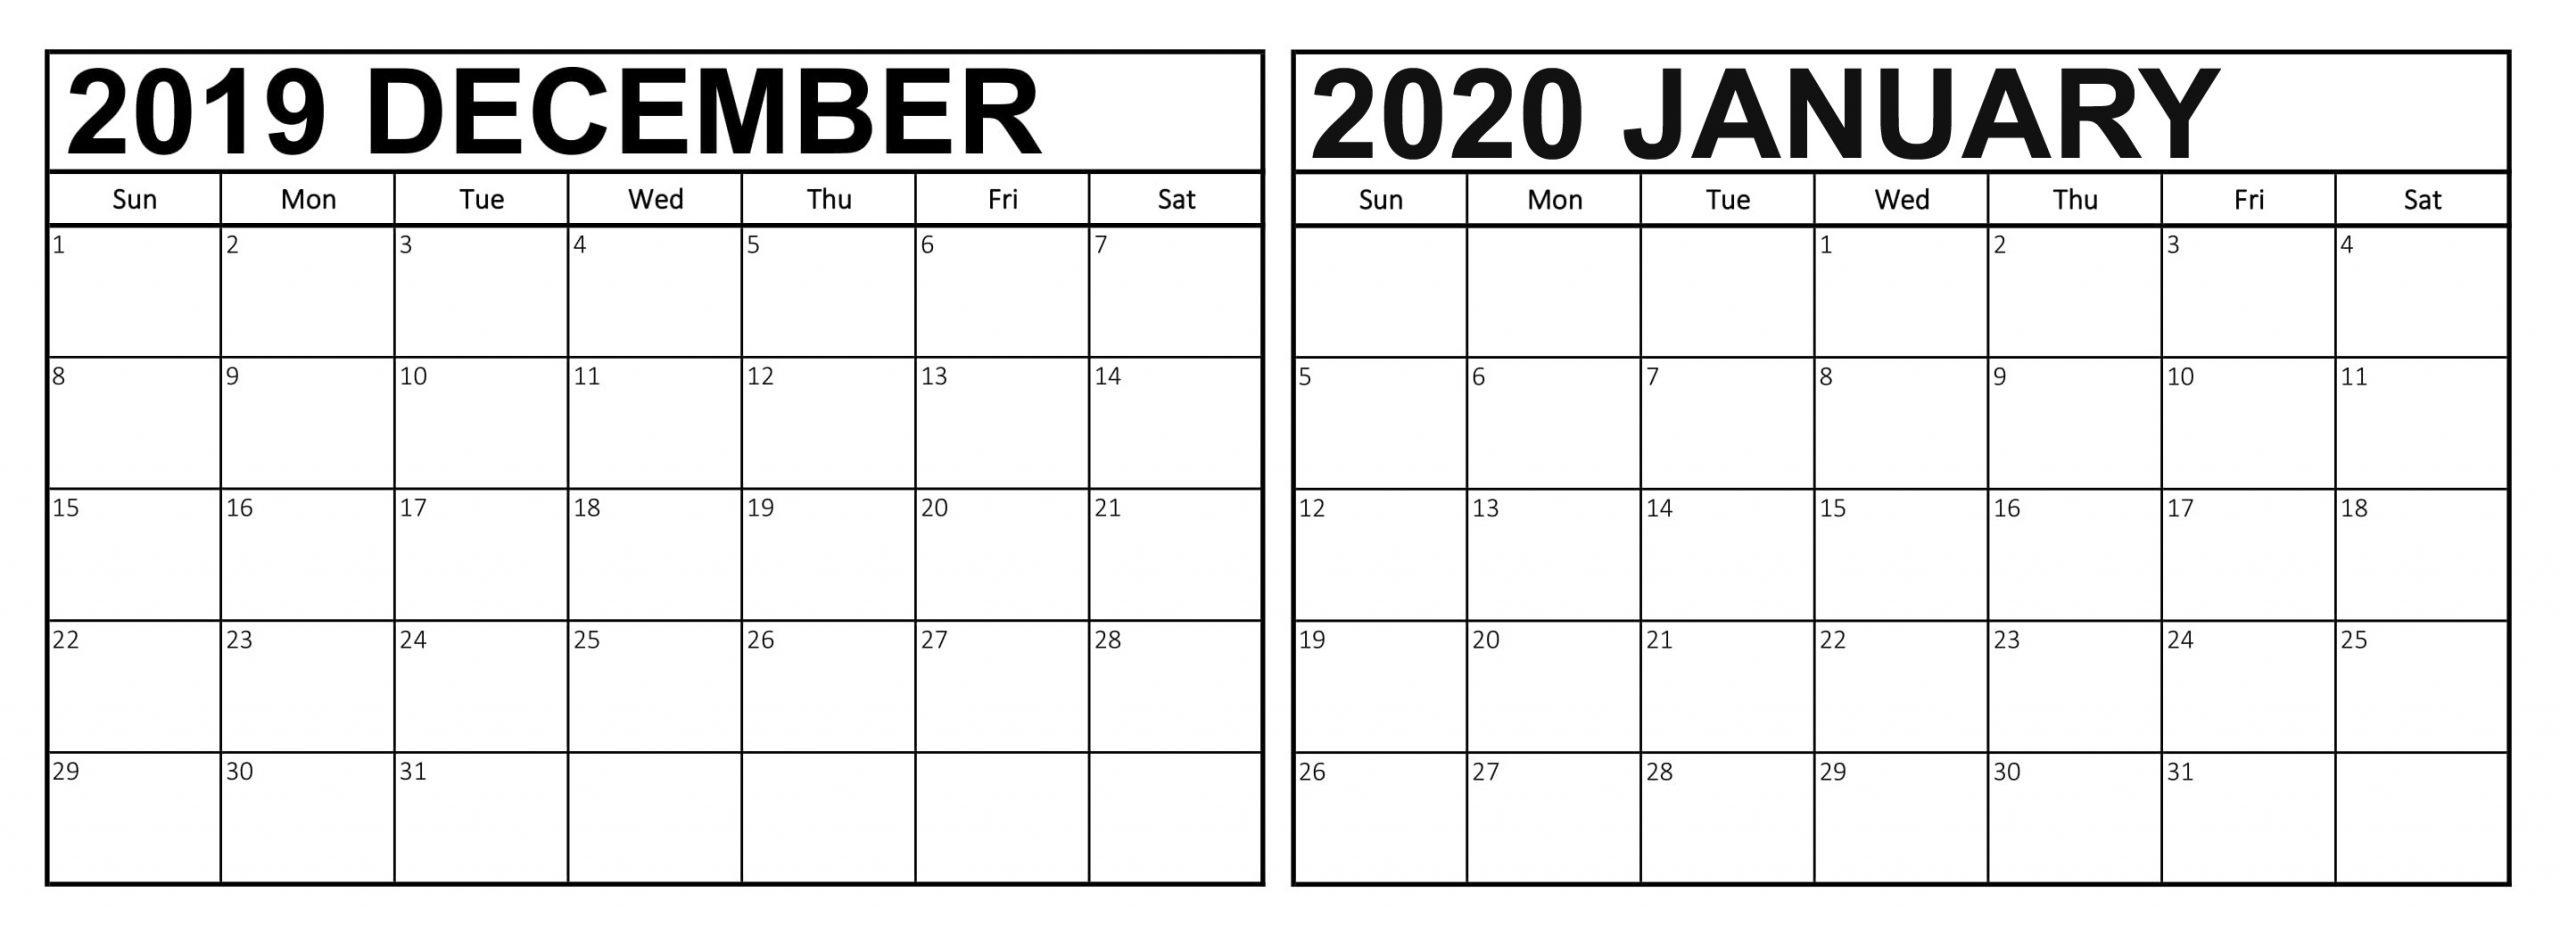 Cute December 2019 January 2020 Calendar Wallpaper - 2019